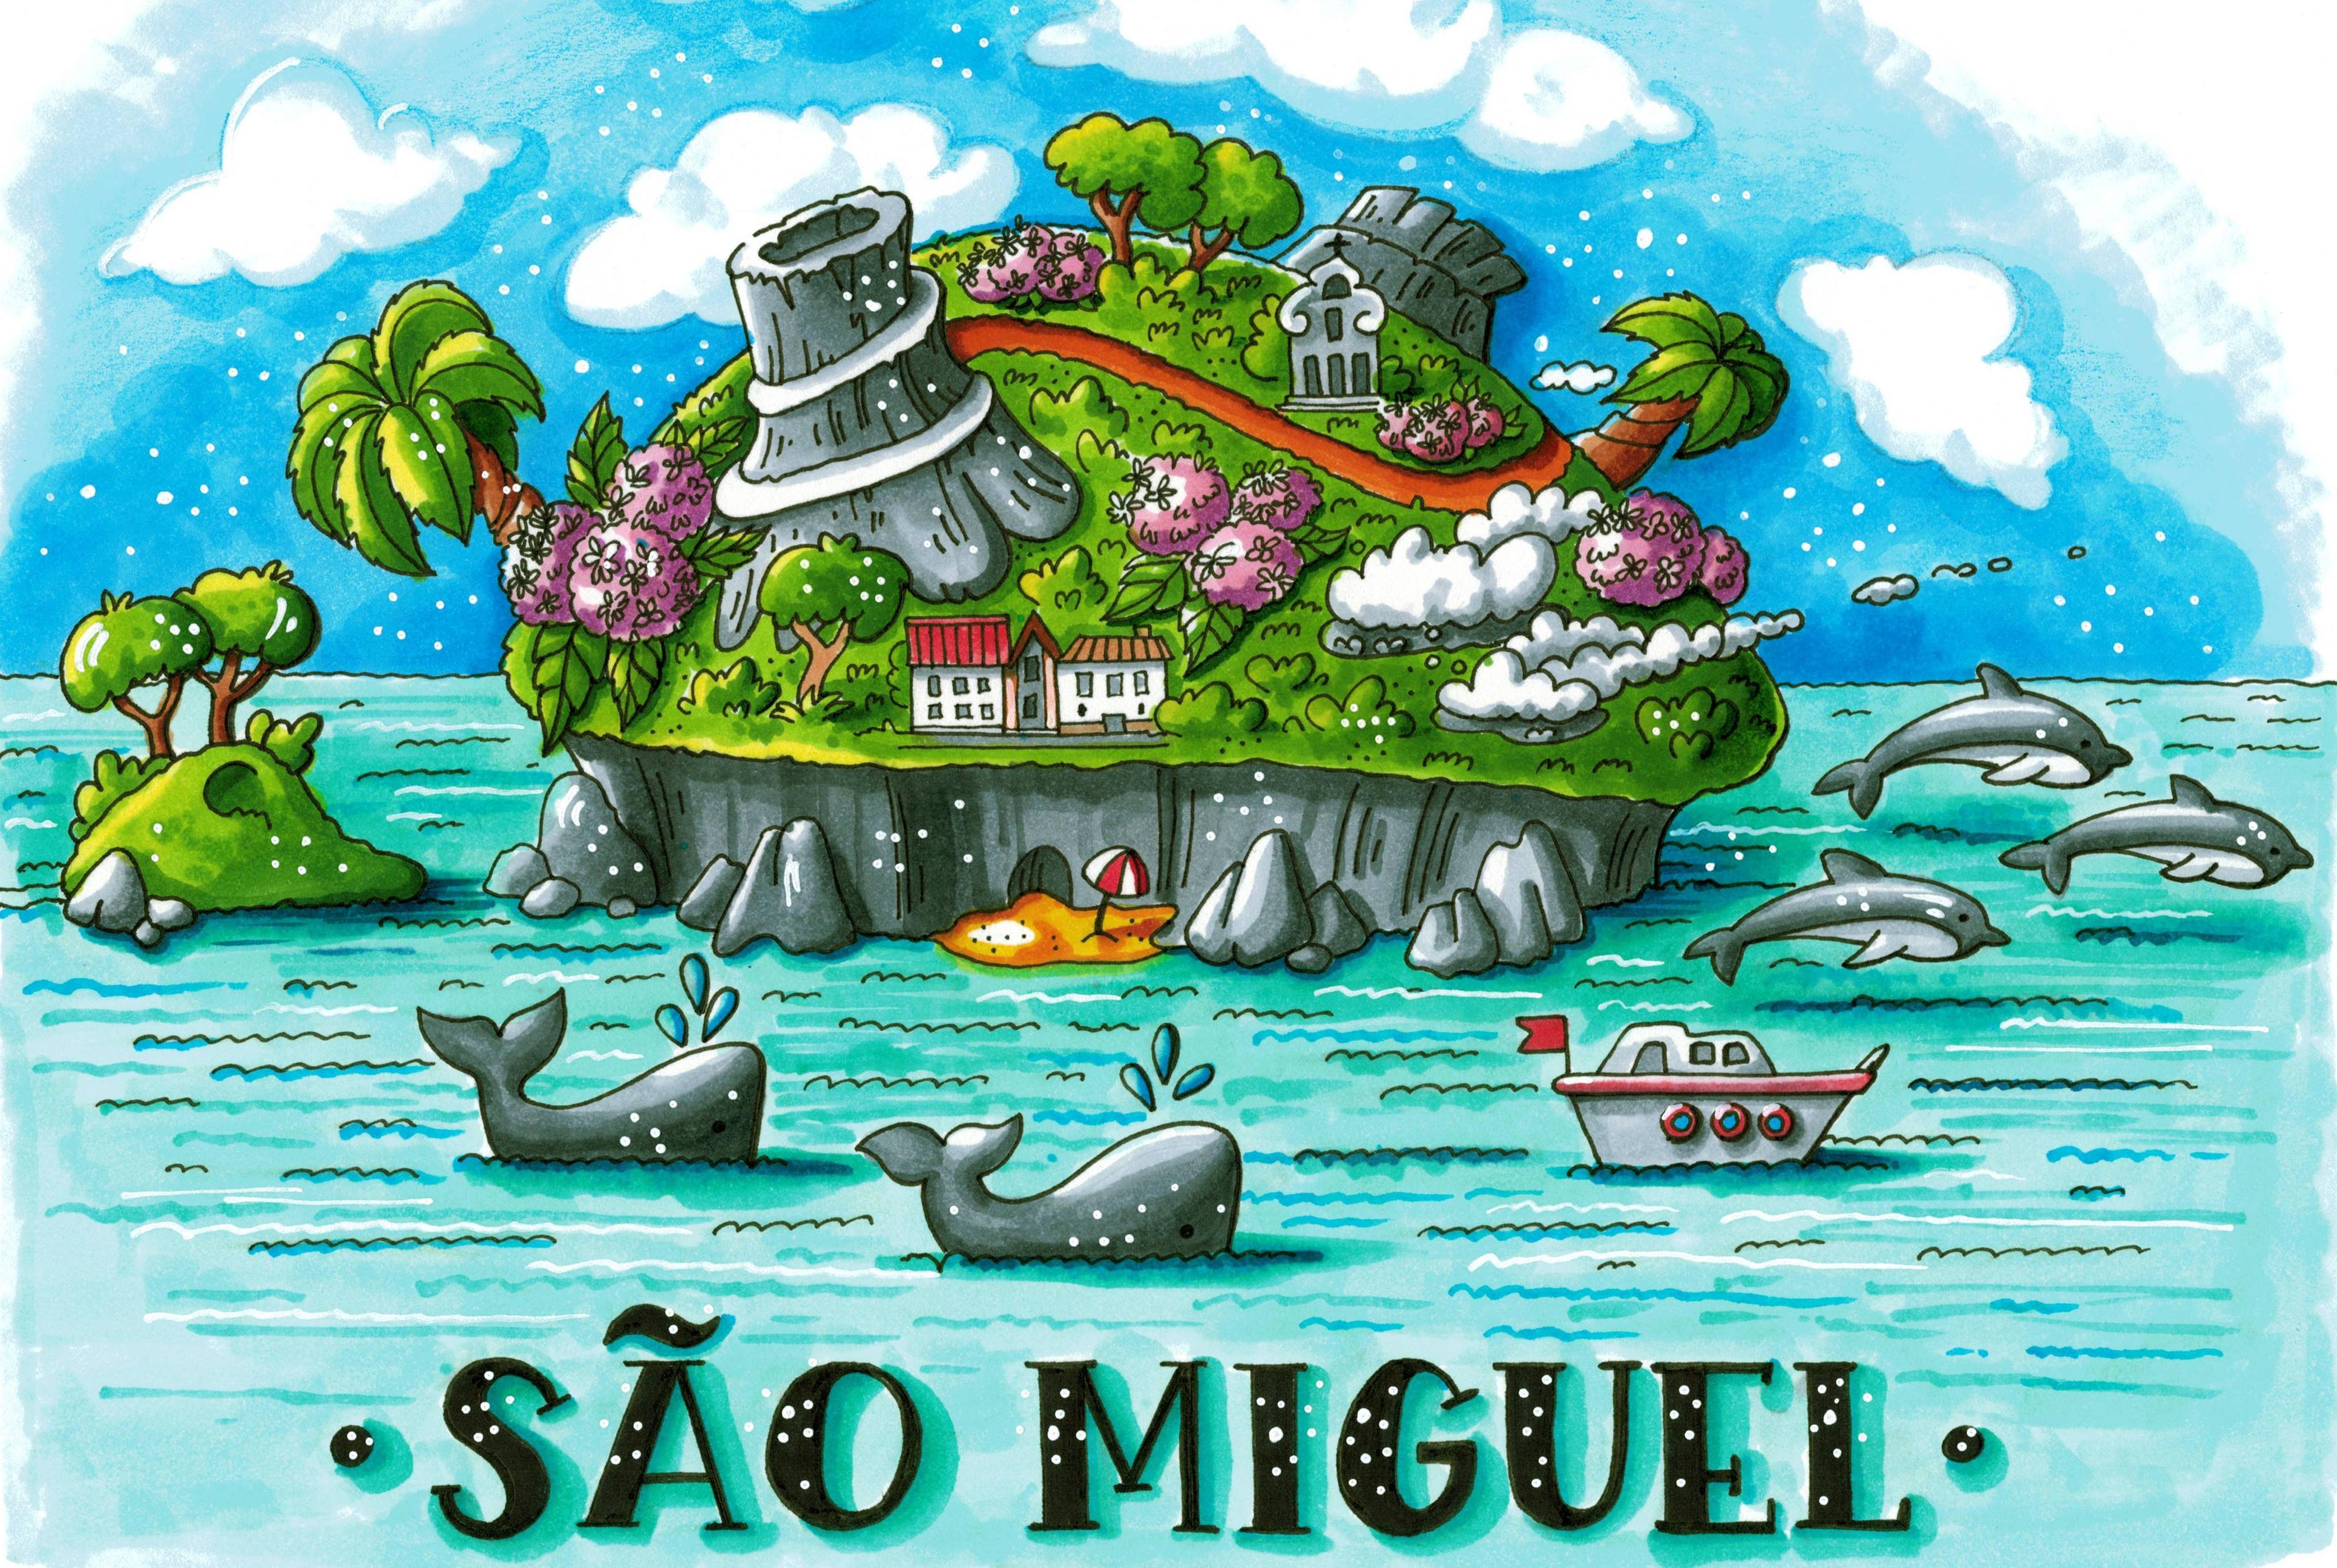 Sao Miguel Azores Island